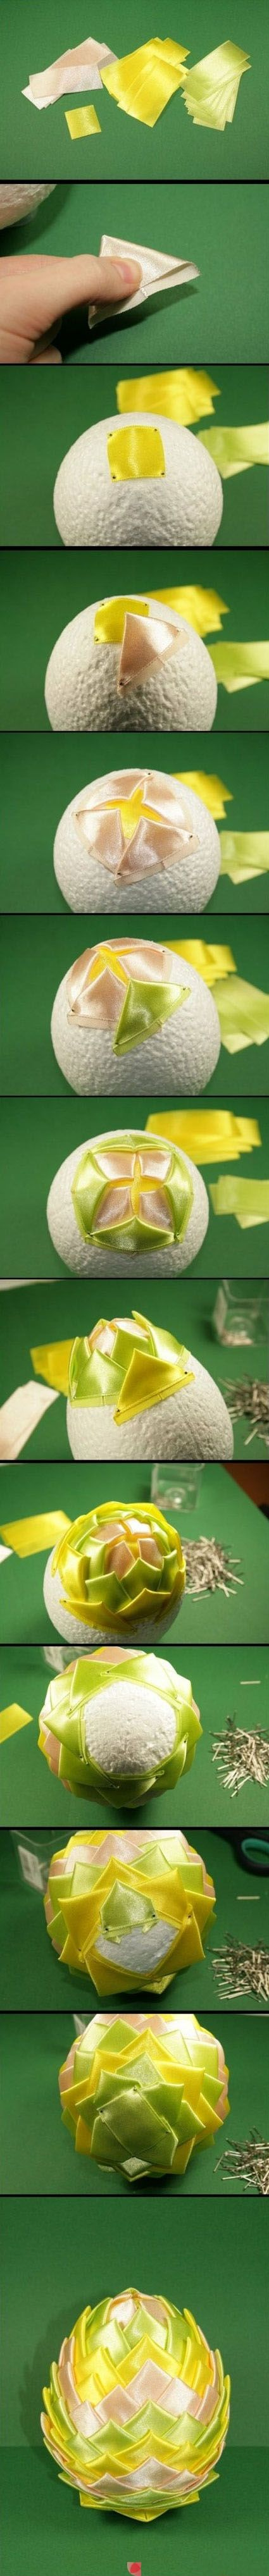 Fabric pine cones (tutorial)